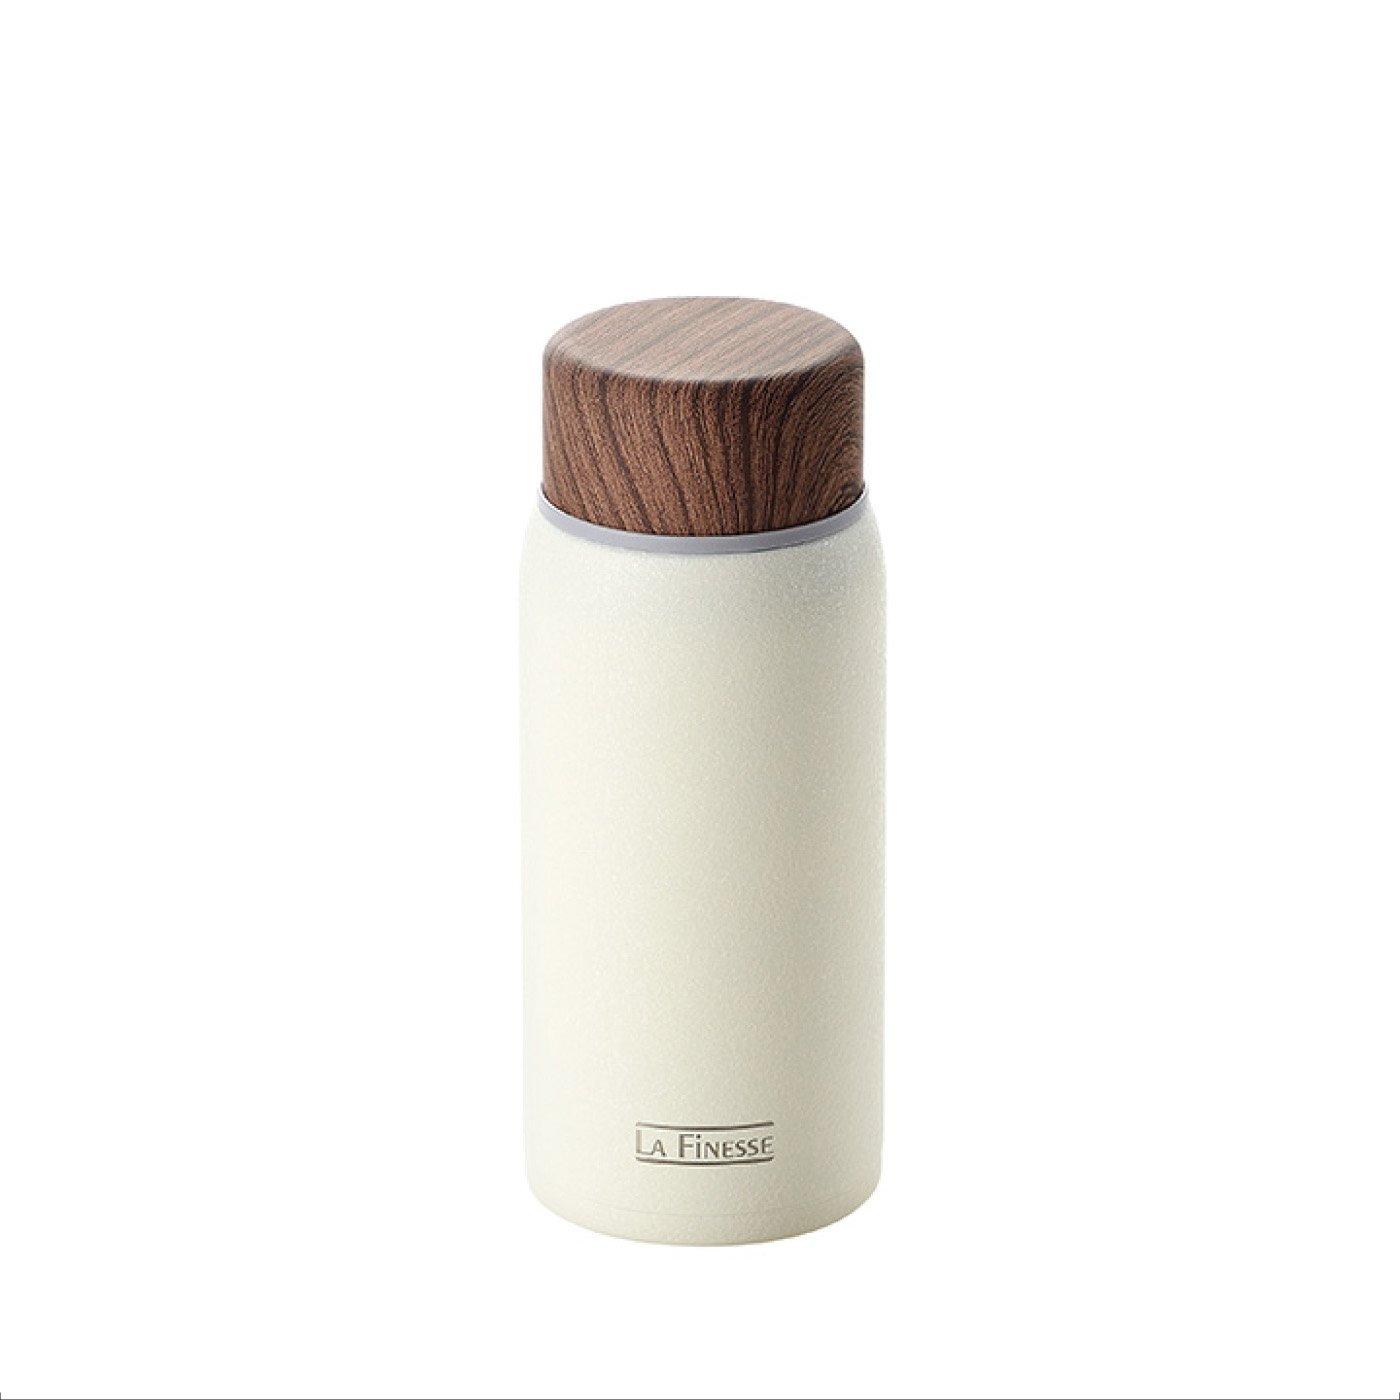 ゆるりナチュラルな質感 ラフィネス保温・保冷マグボトル 350ml